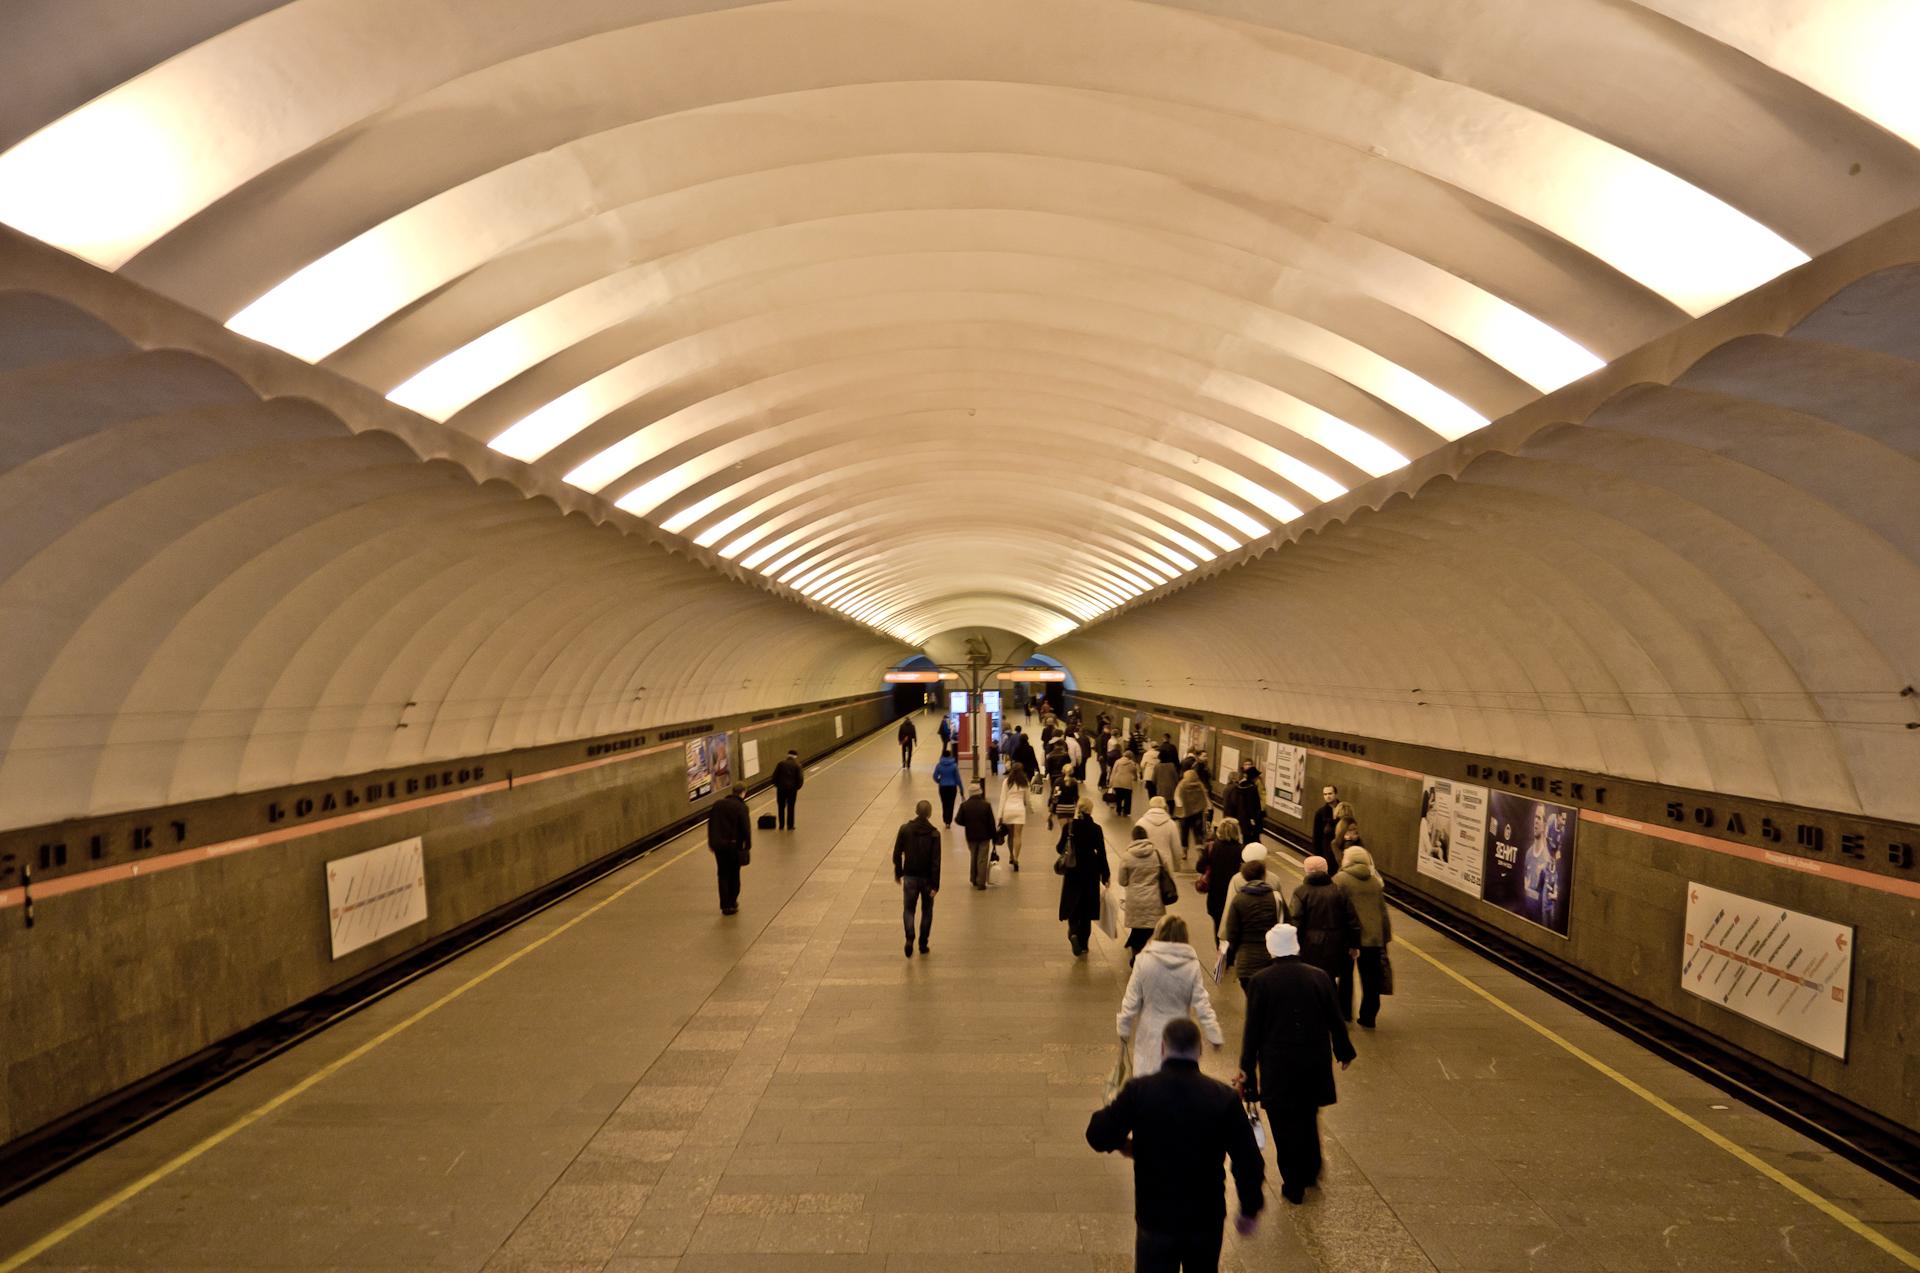 prospekt bolsjevikov metrostation wikiwand. Black Bedroom Furniture Sets. Home Design Ideas